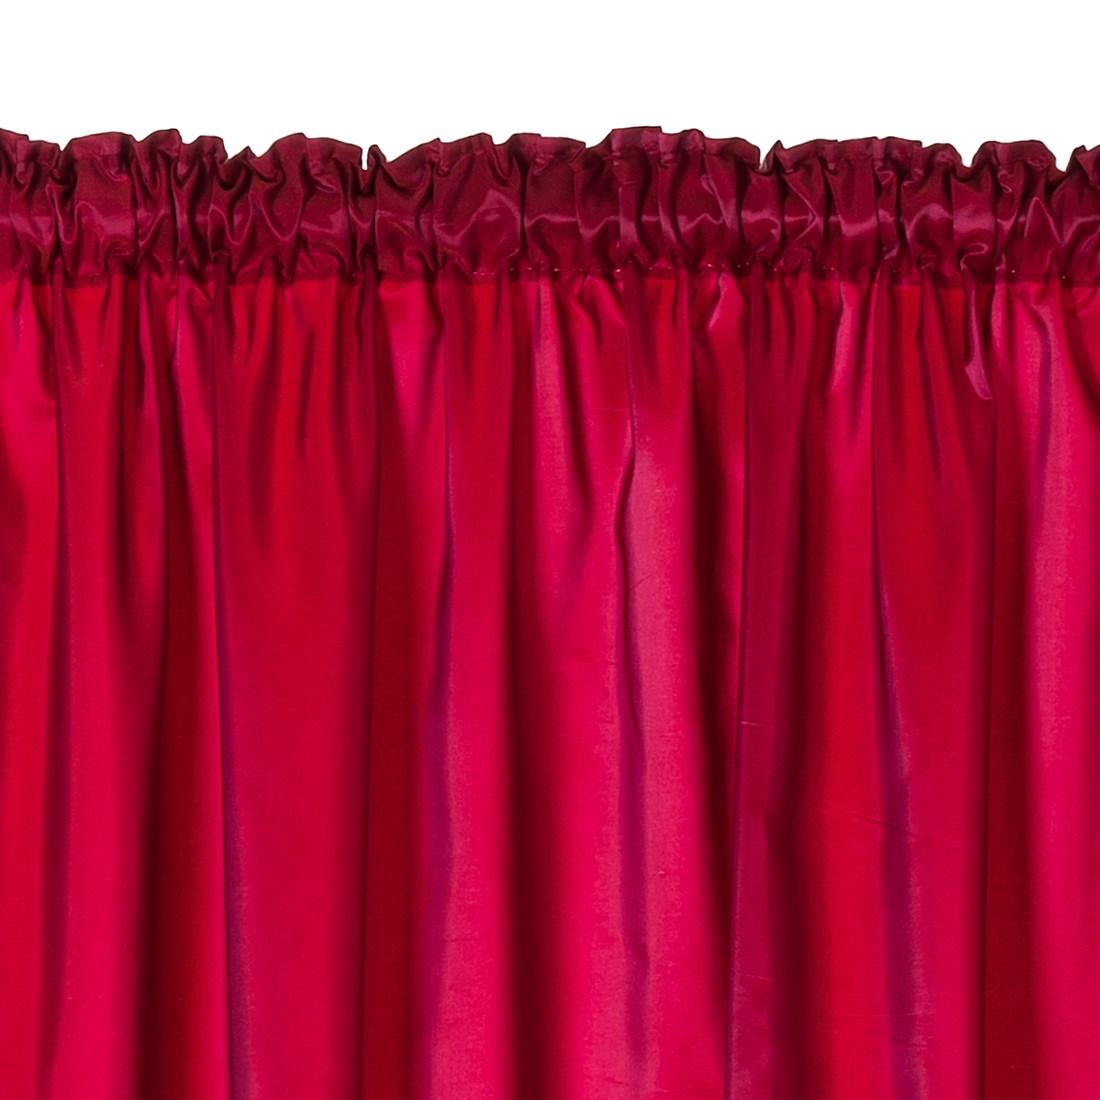 Vorhang mit Kräuselband – Pink, Home24Deko günstig bestellen